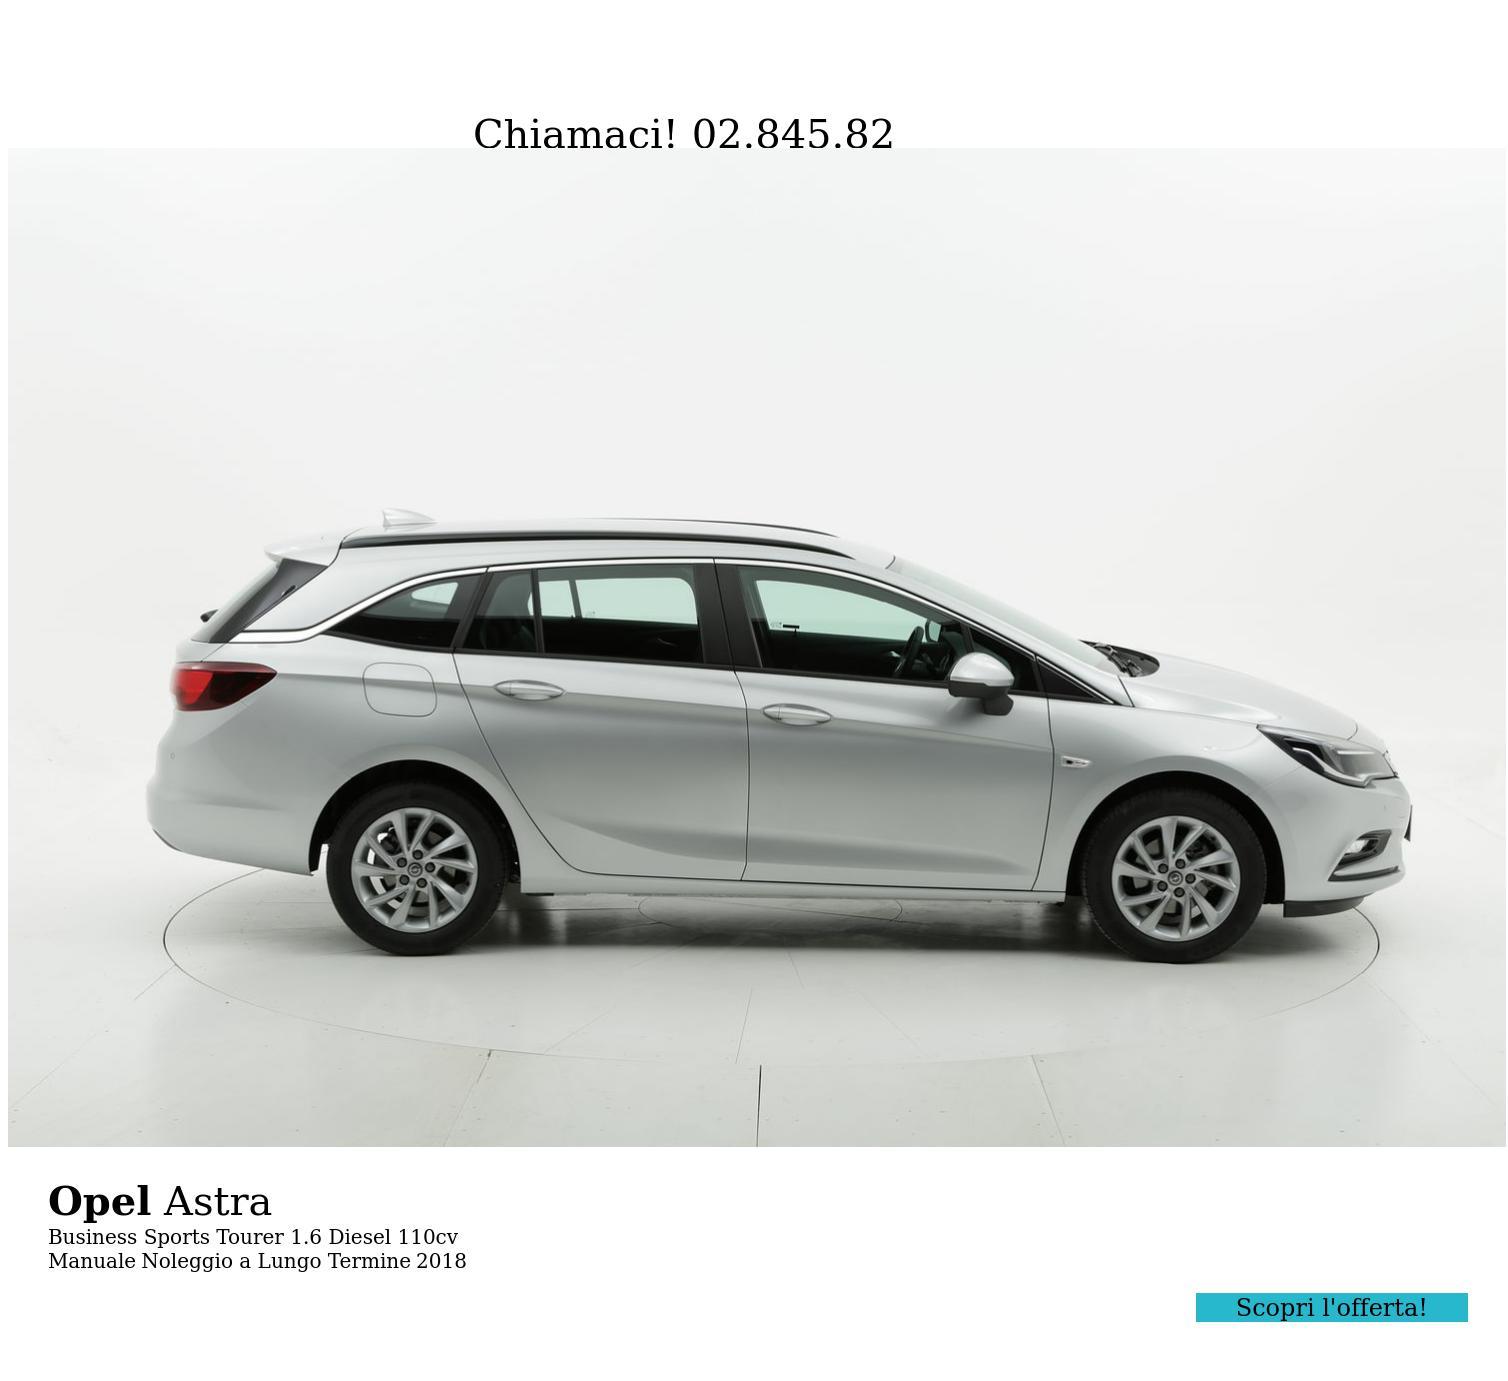 Opel Astra diesel argento a noleggio a lungo termine | brumbrum